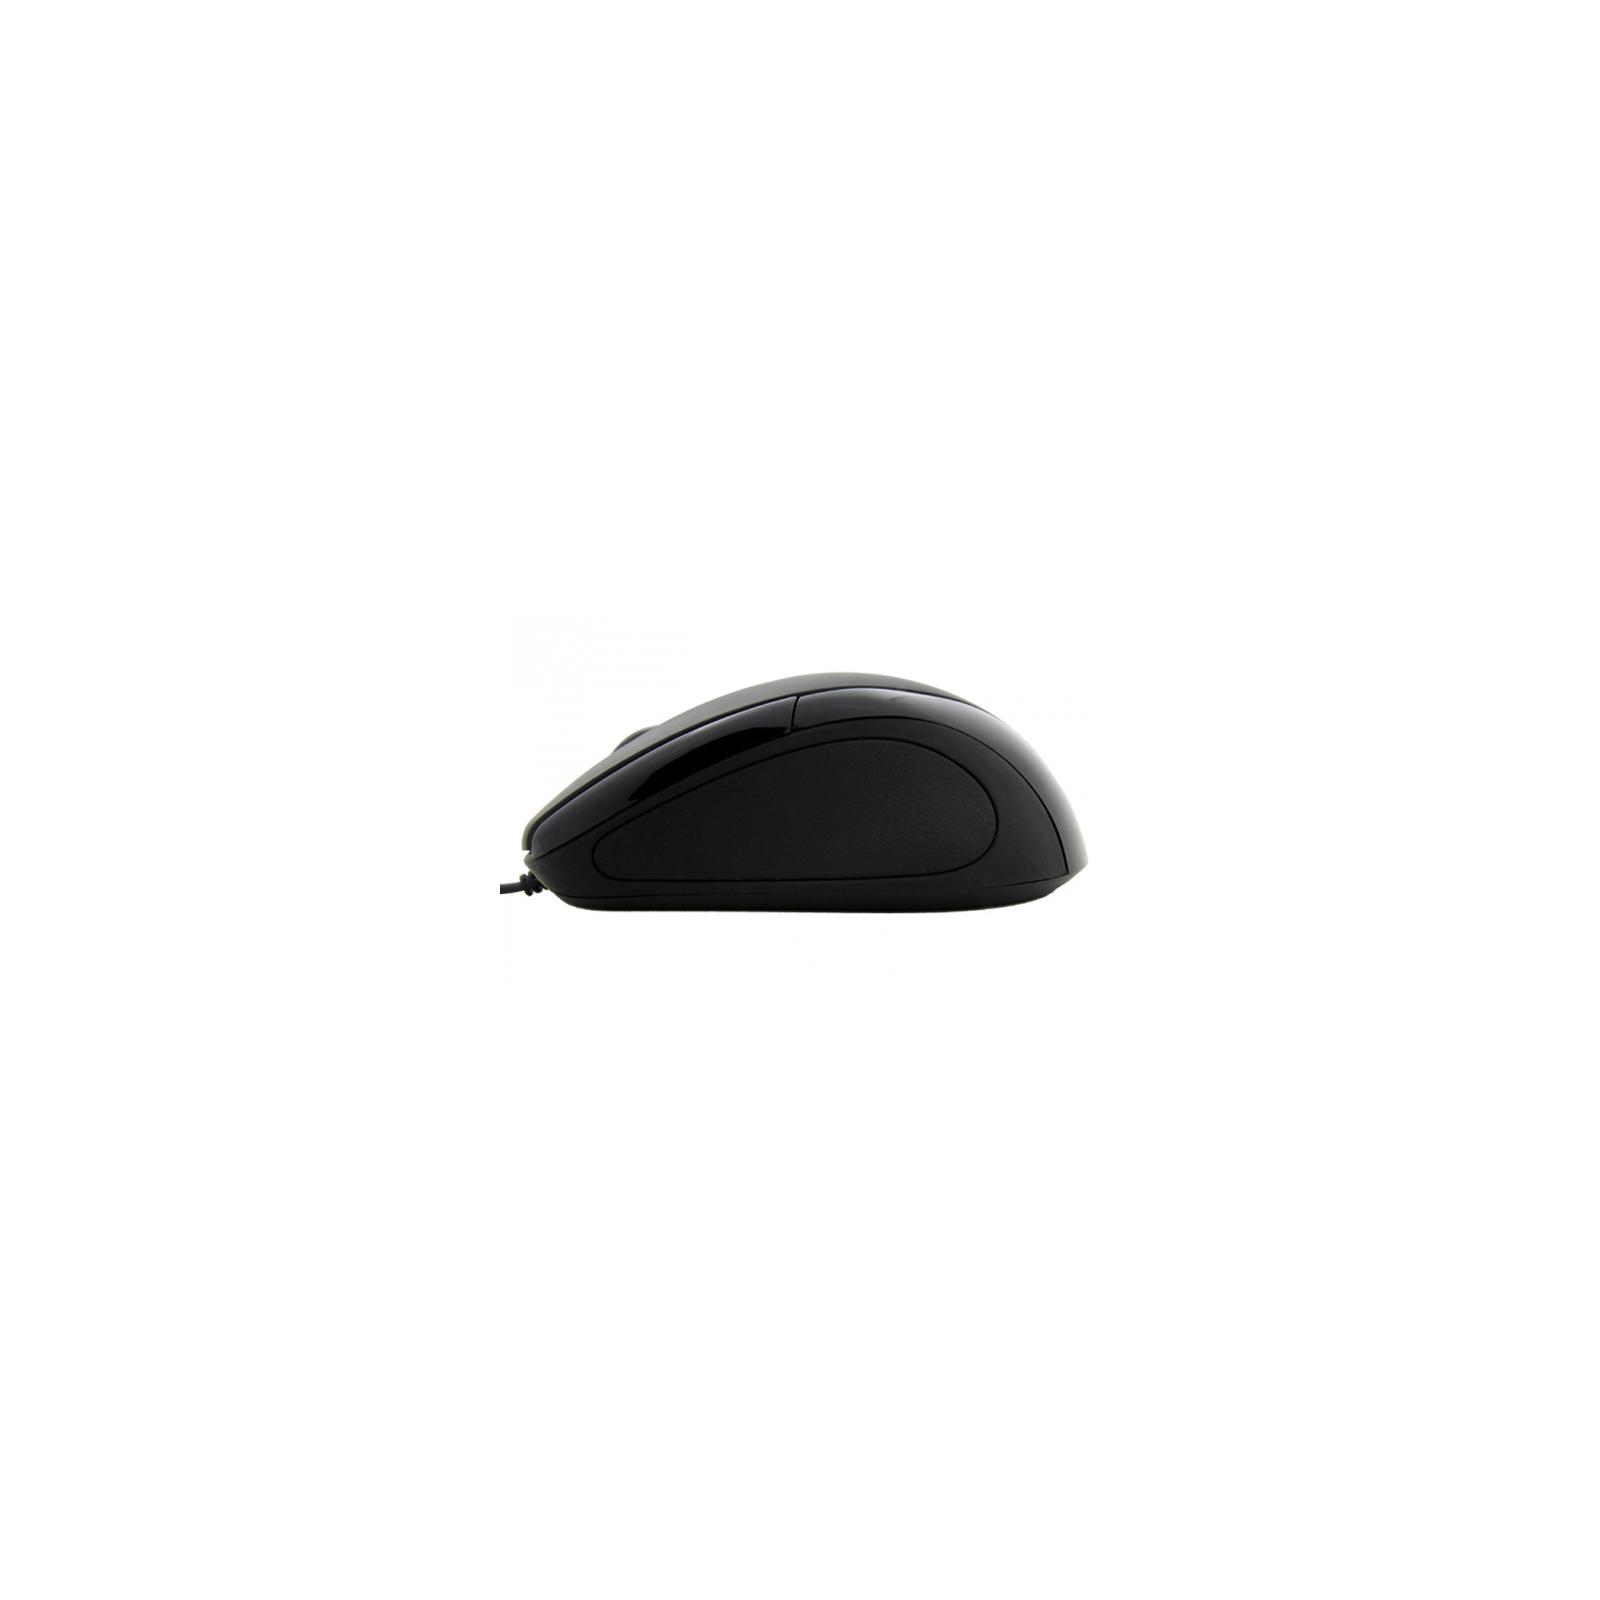 Мышка Esperanza EM102S Black-silver изображение 3